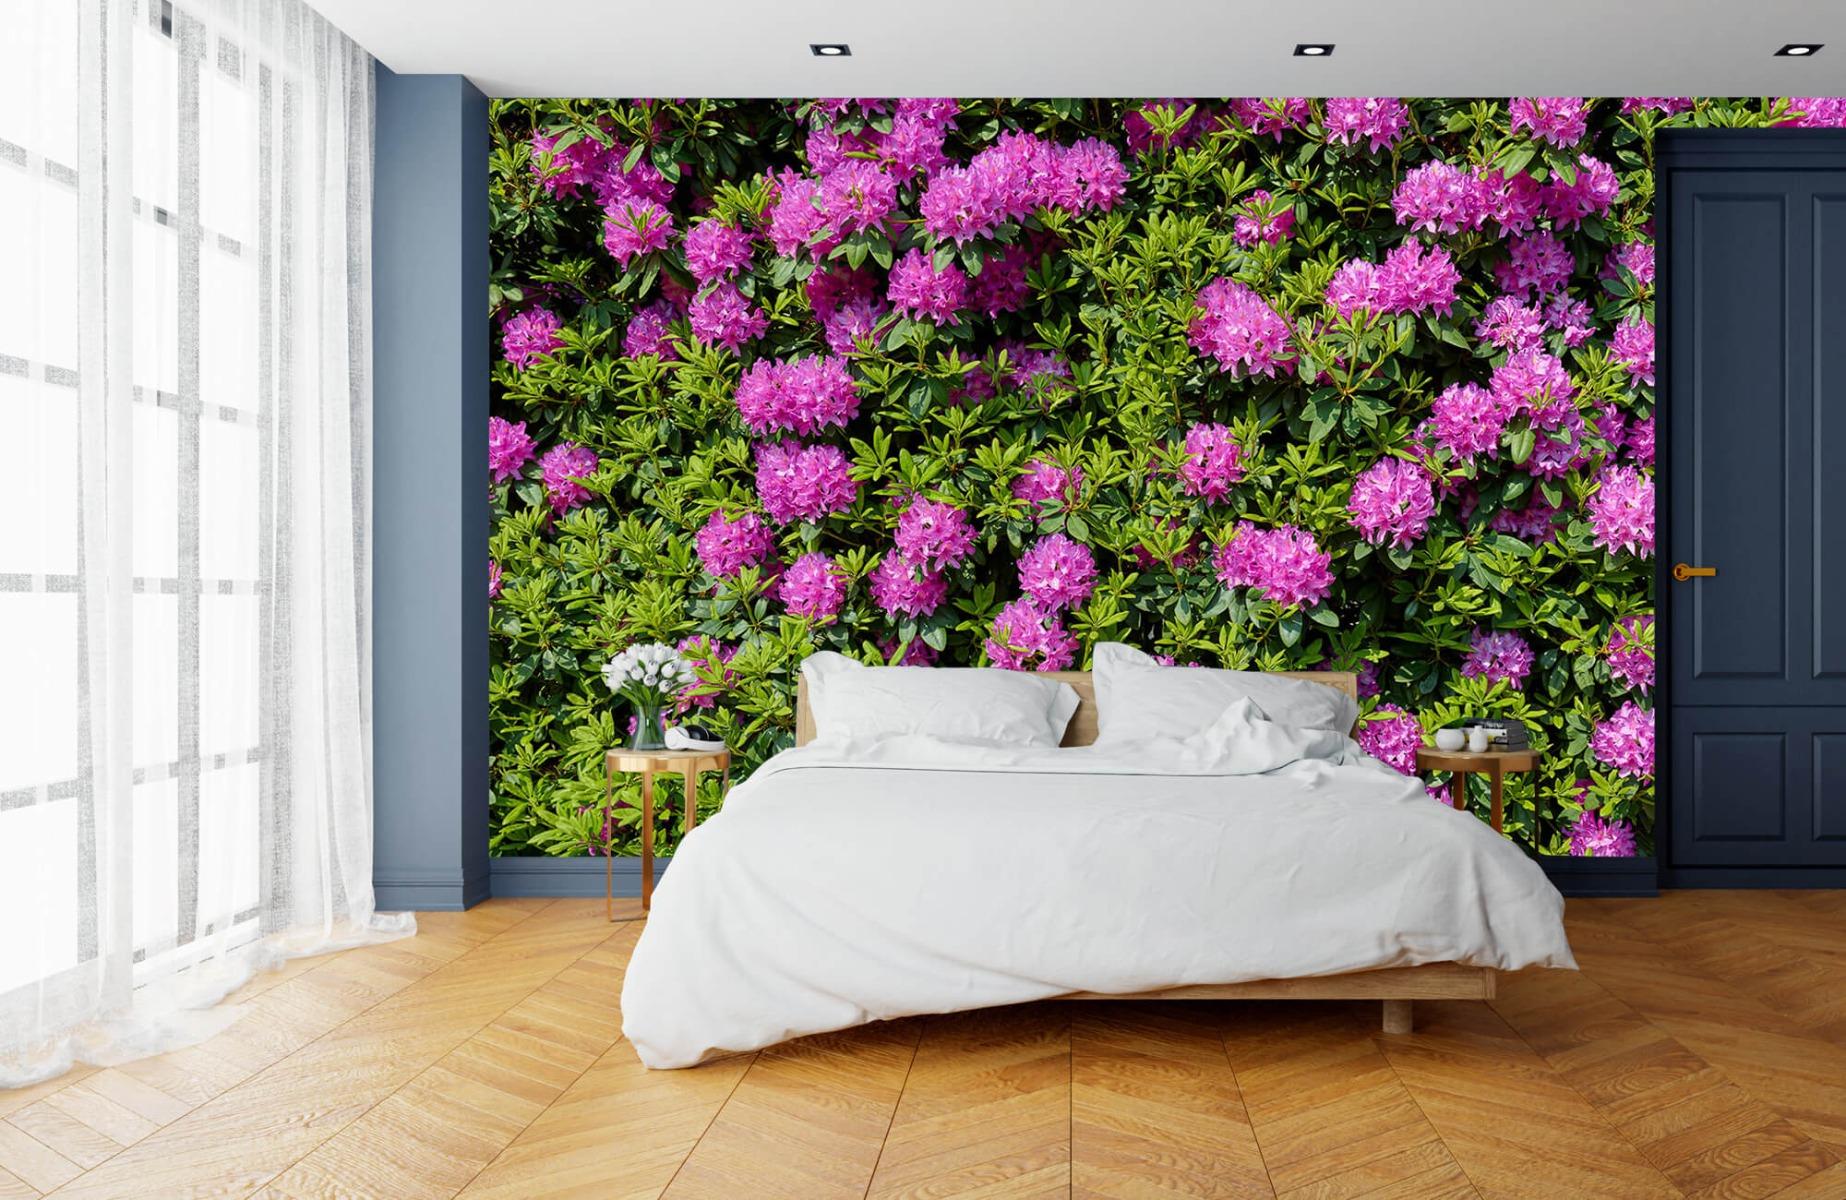 Bloemenvelden - Grote muur van rododendrons - Wallexclusive - Woonkamer 16